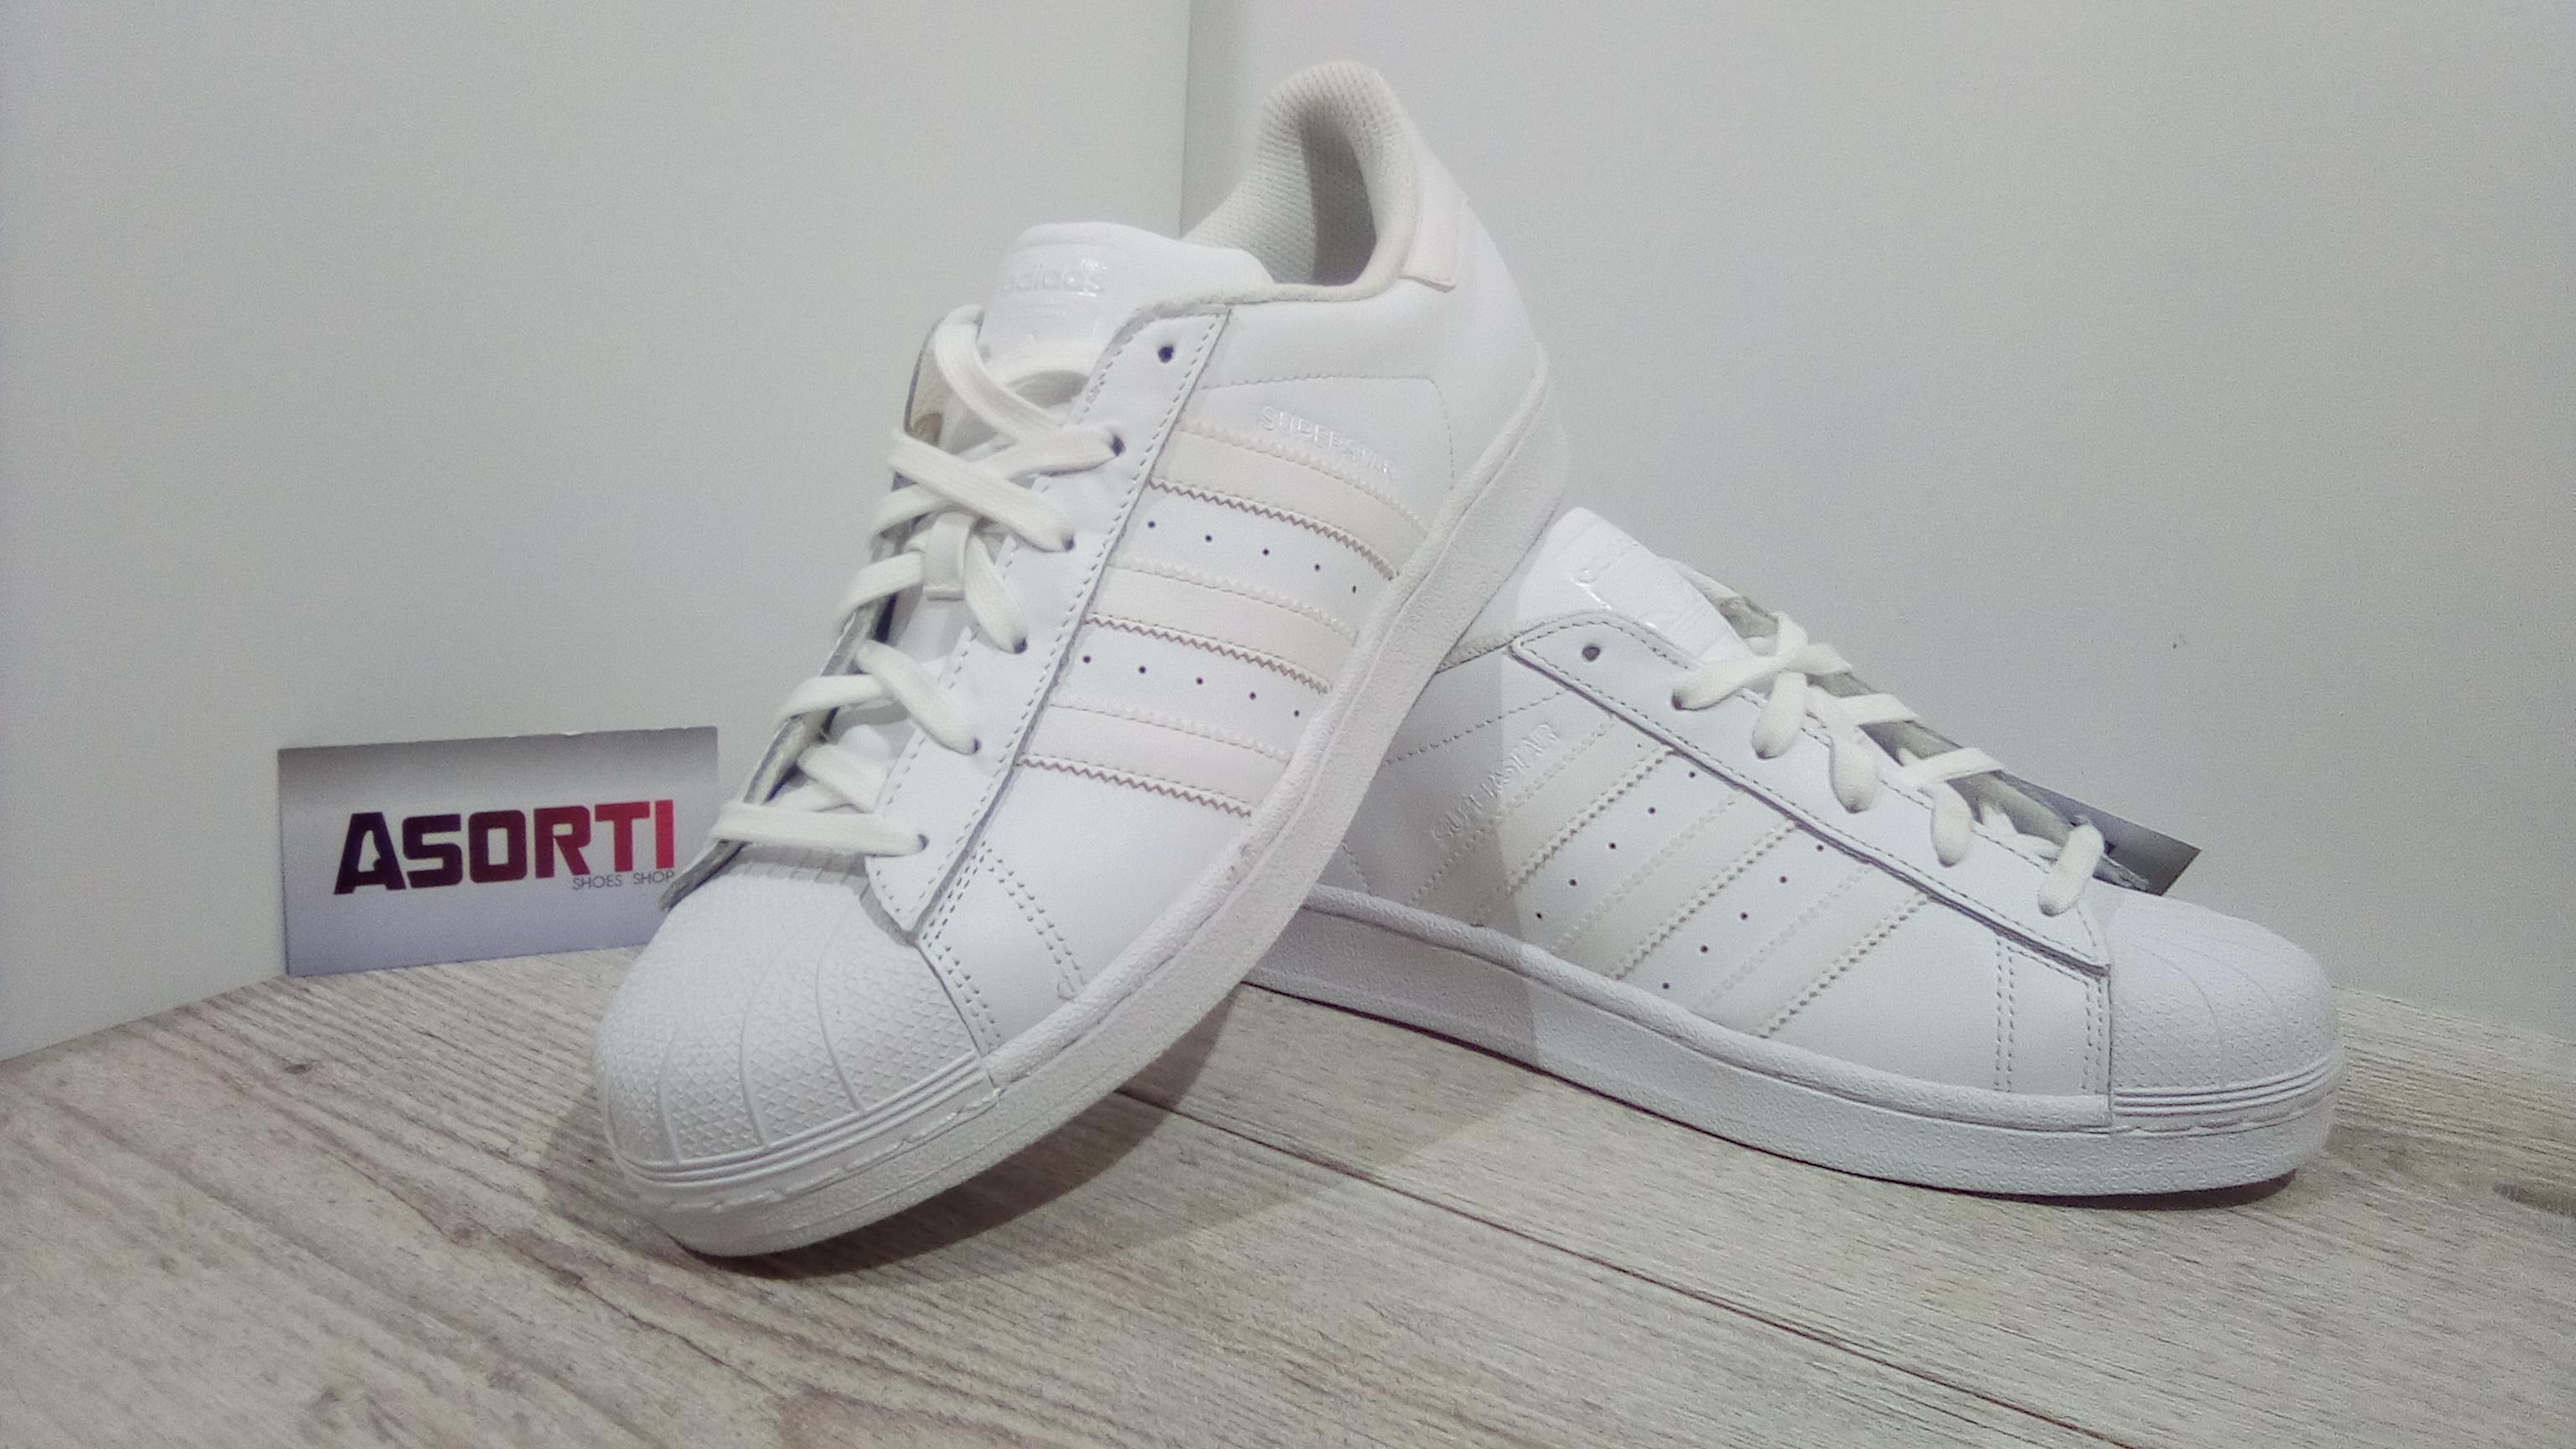 74cca44f Женские кроссовки Adidas Women's Superstar W (S85139) белые купить в ...